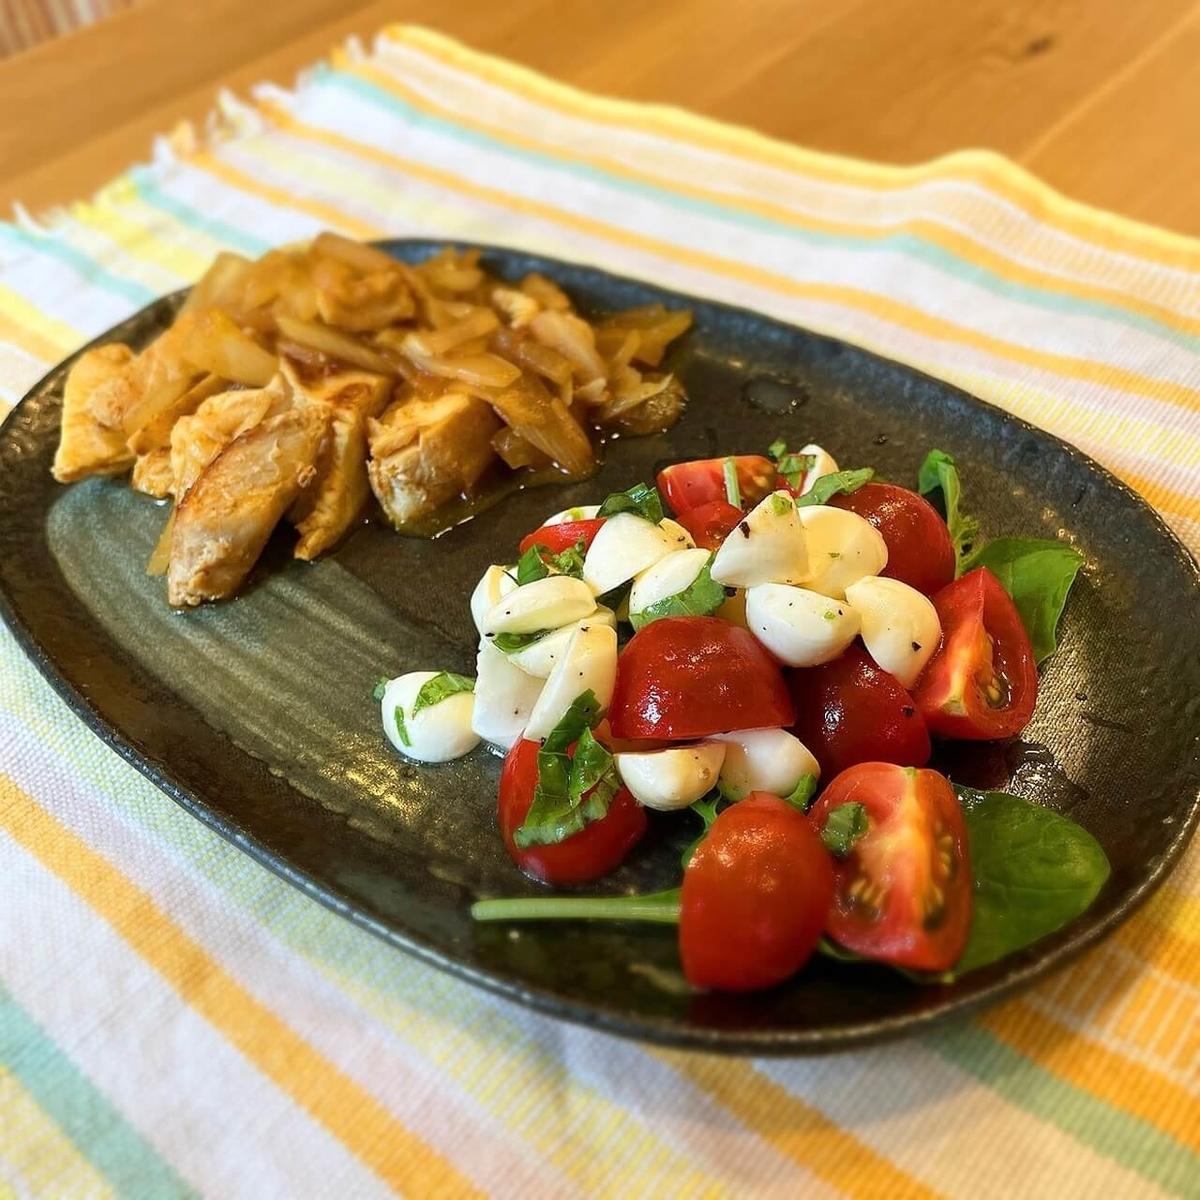 やわらかタンドリーチキンとトマトのサラダが出来上がったところ